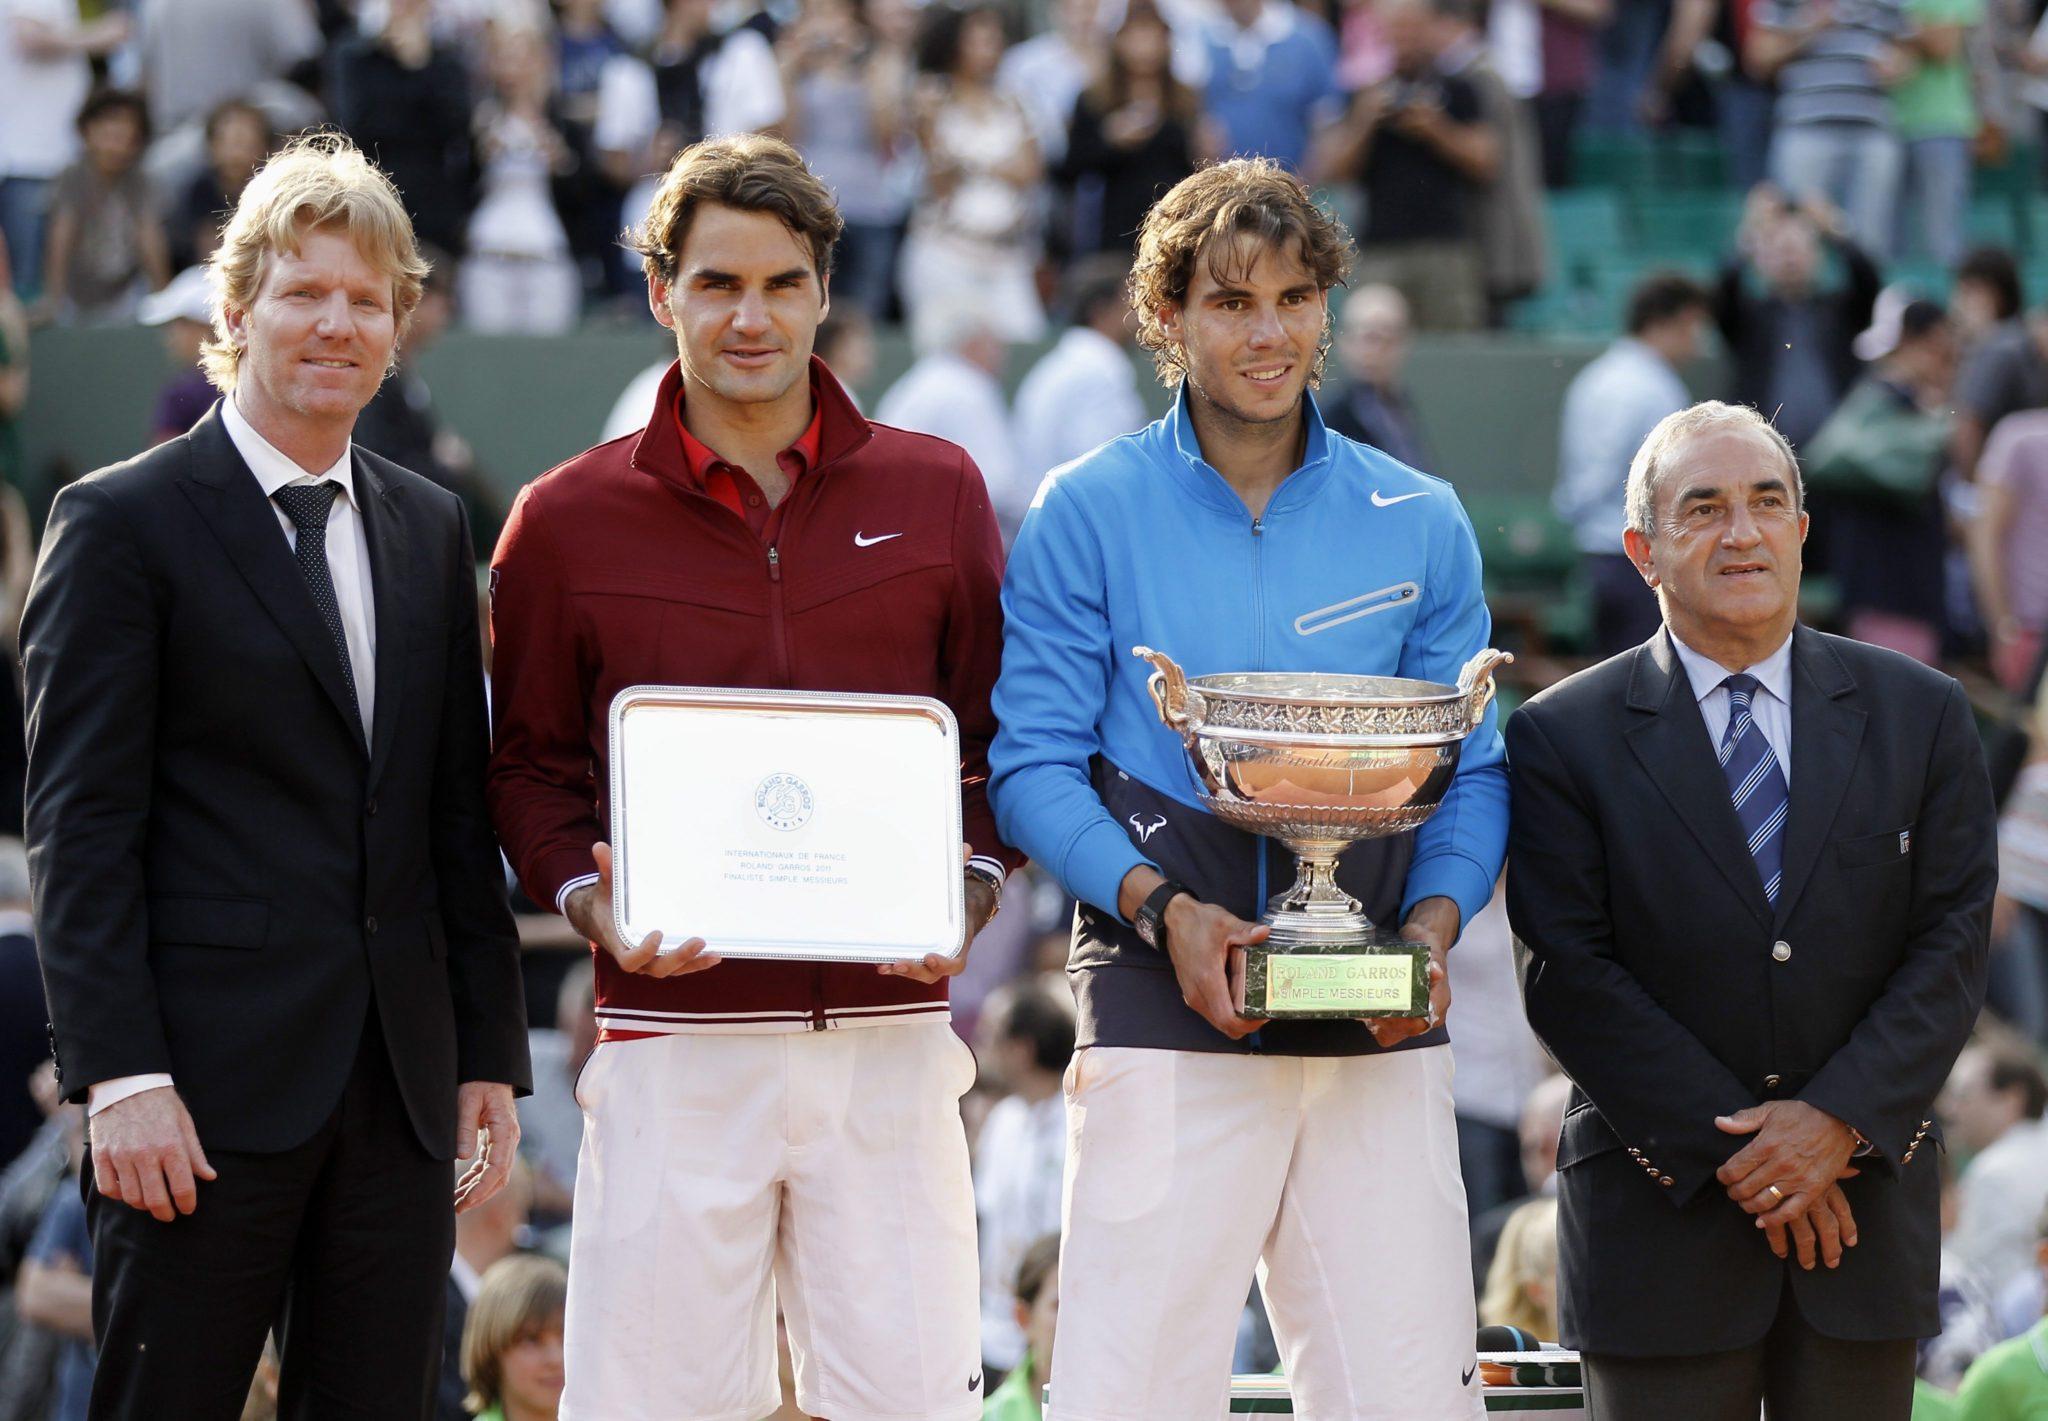 Rafael Nadal y Roger Federer mostrando sus títulos tras la final de Roland Garros 2011 / EFE